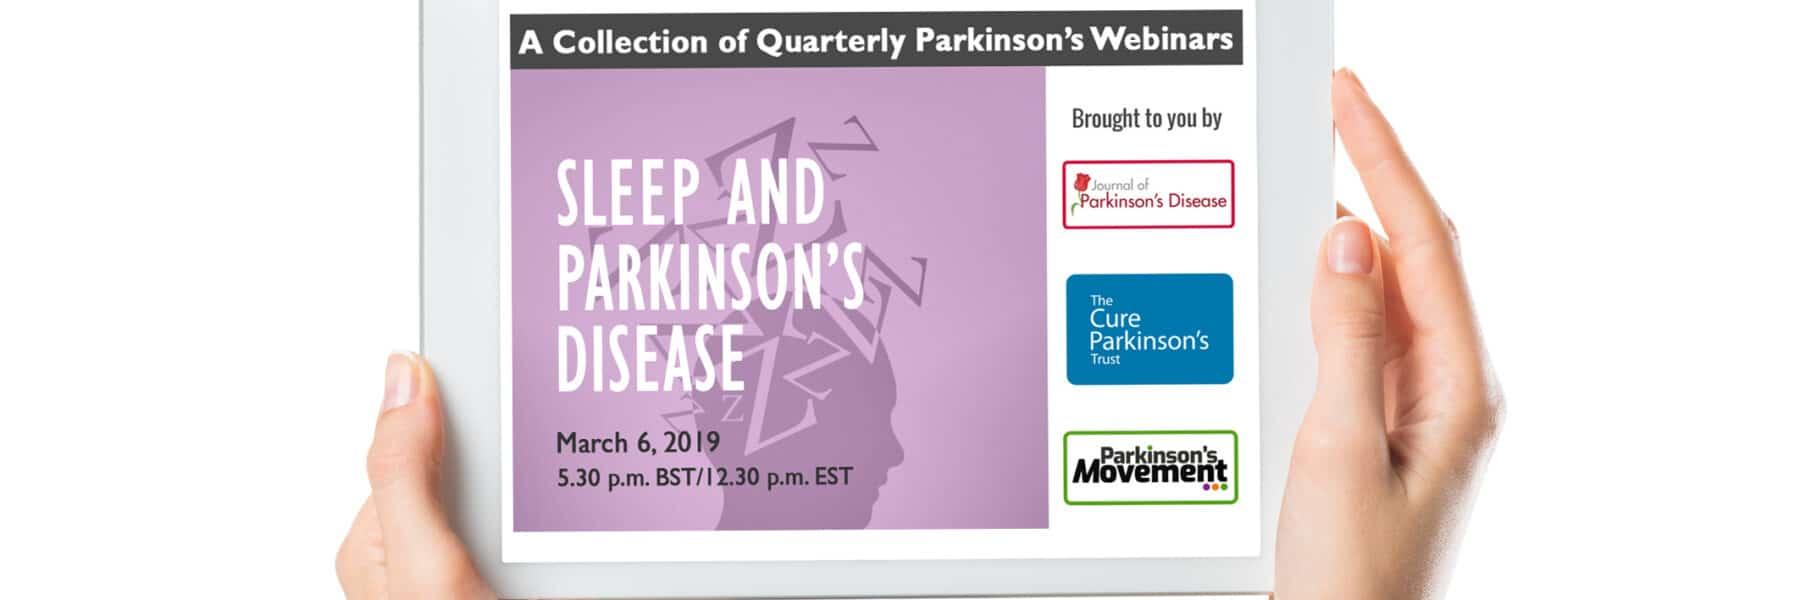 Sleep and Parkinson's